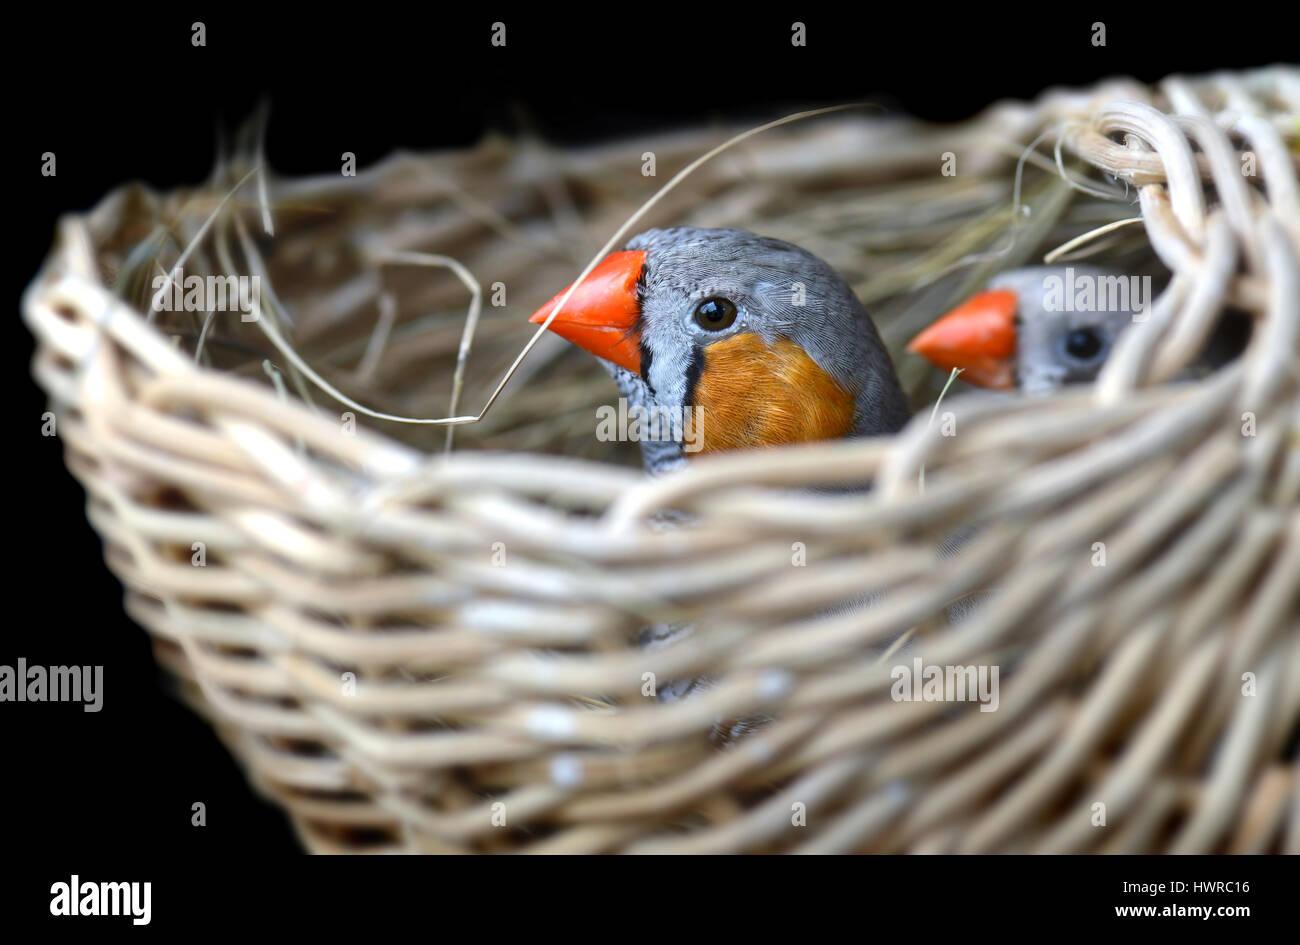 Paar Zebrafinken Vogel im Nest für Vogel-Foto mit Flash-Beleuchtung ...